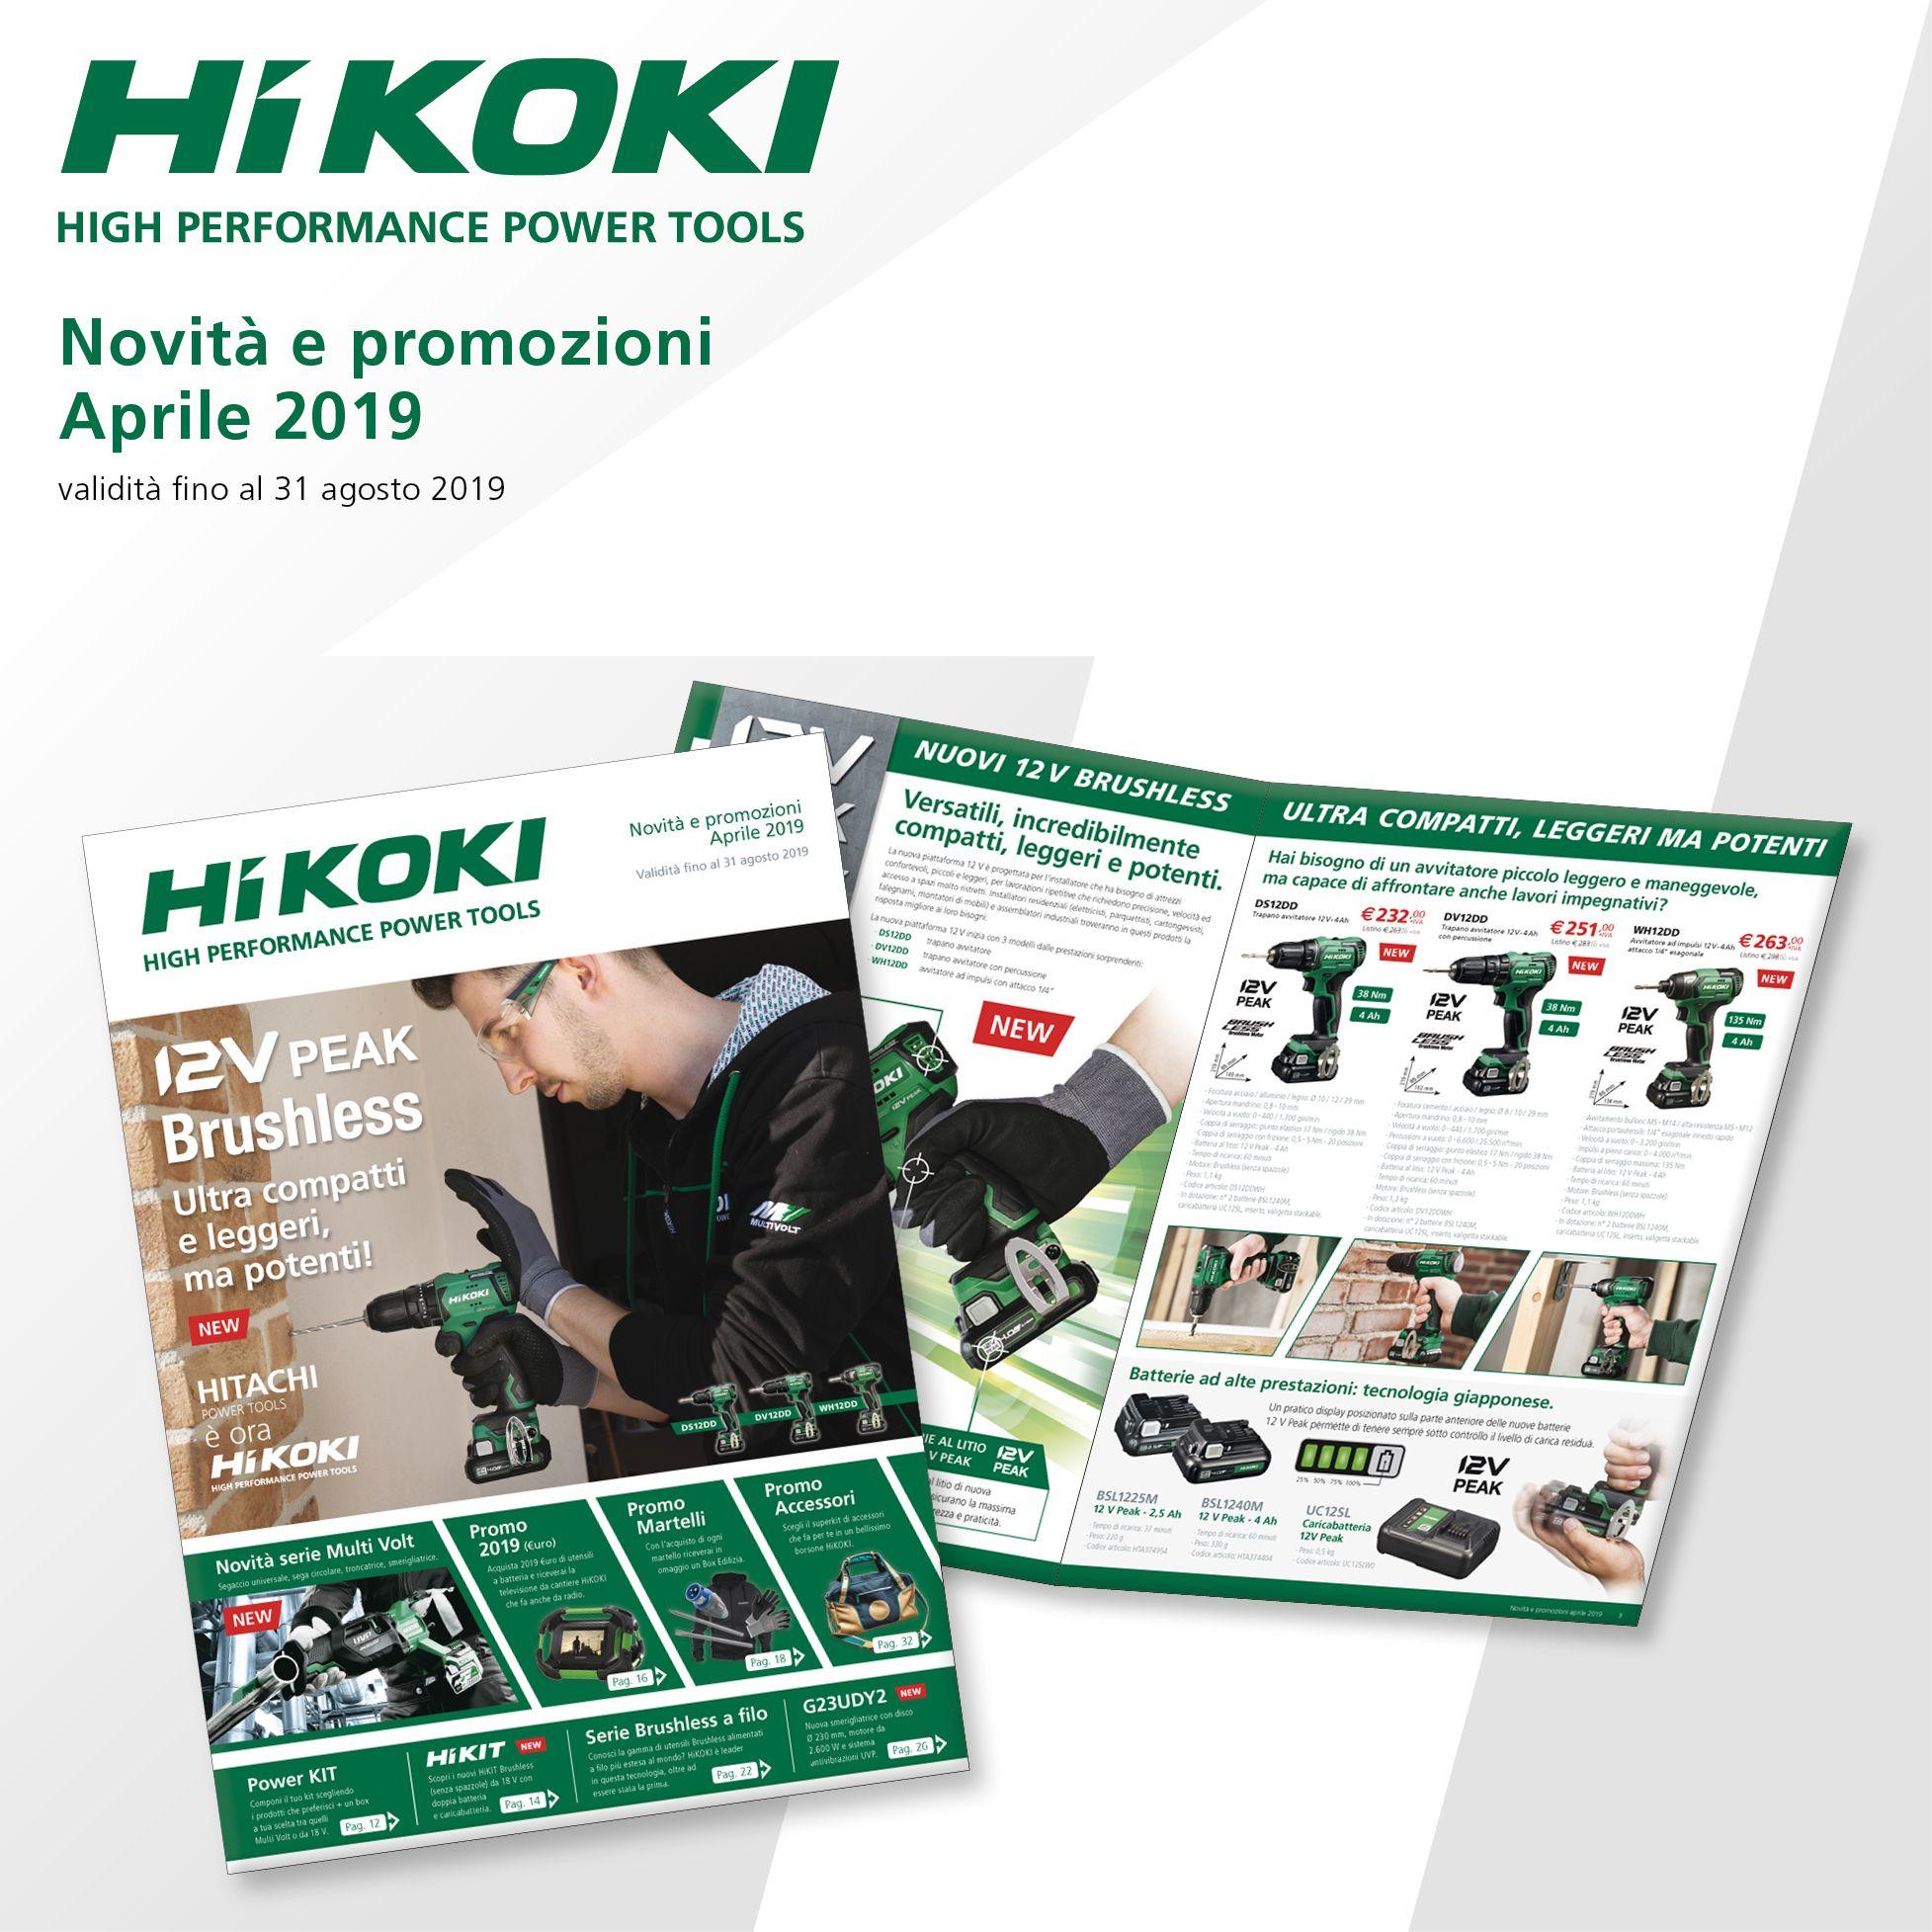 Novità e Promozioni HiKOKI Power Tools Aprile 2019